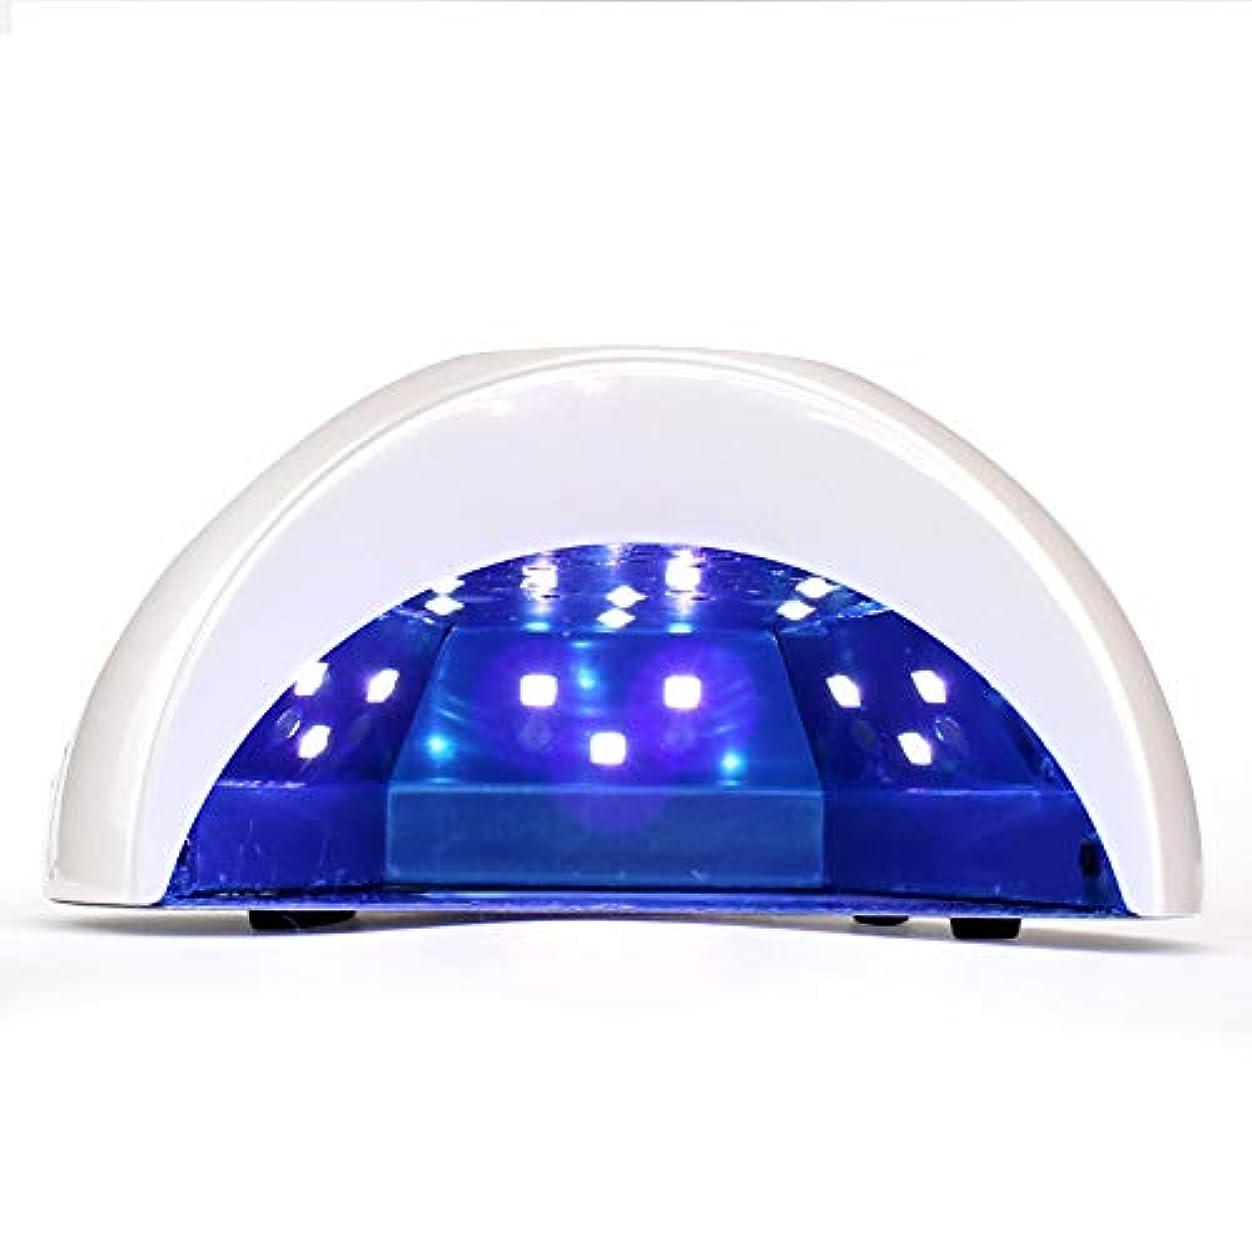 夏チャンバープーノネイル光線療法機36W三段変速機21ランプビーズ空気清浄機能ネイル光線療法機